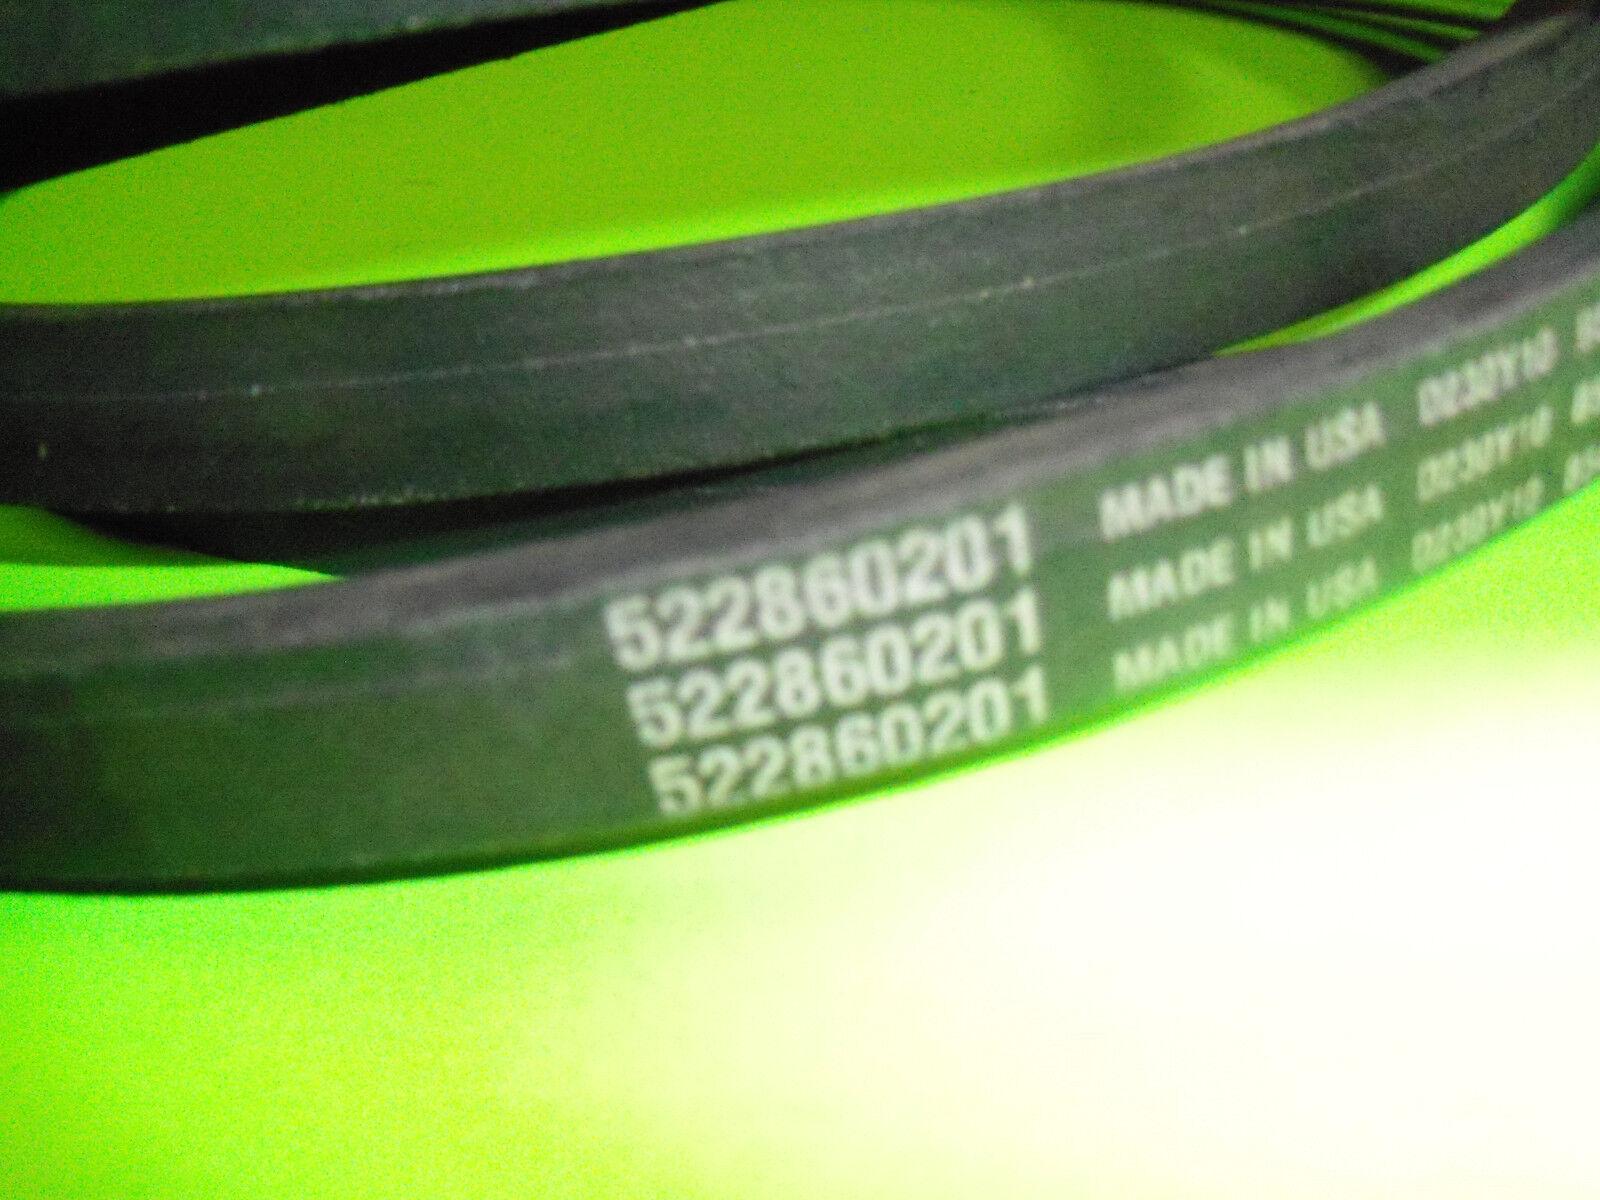 Nuevo Cinturón Husqvarna Cortador Cubierta ajusta PZ26D PZ6029D 61  cubiertas 522860201 OEM